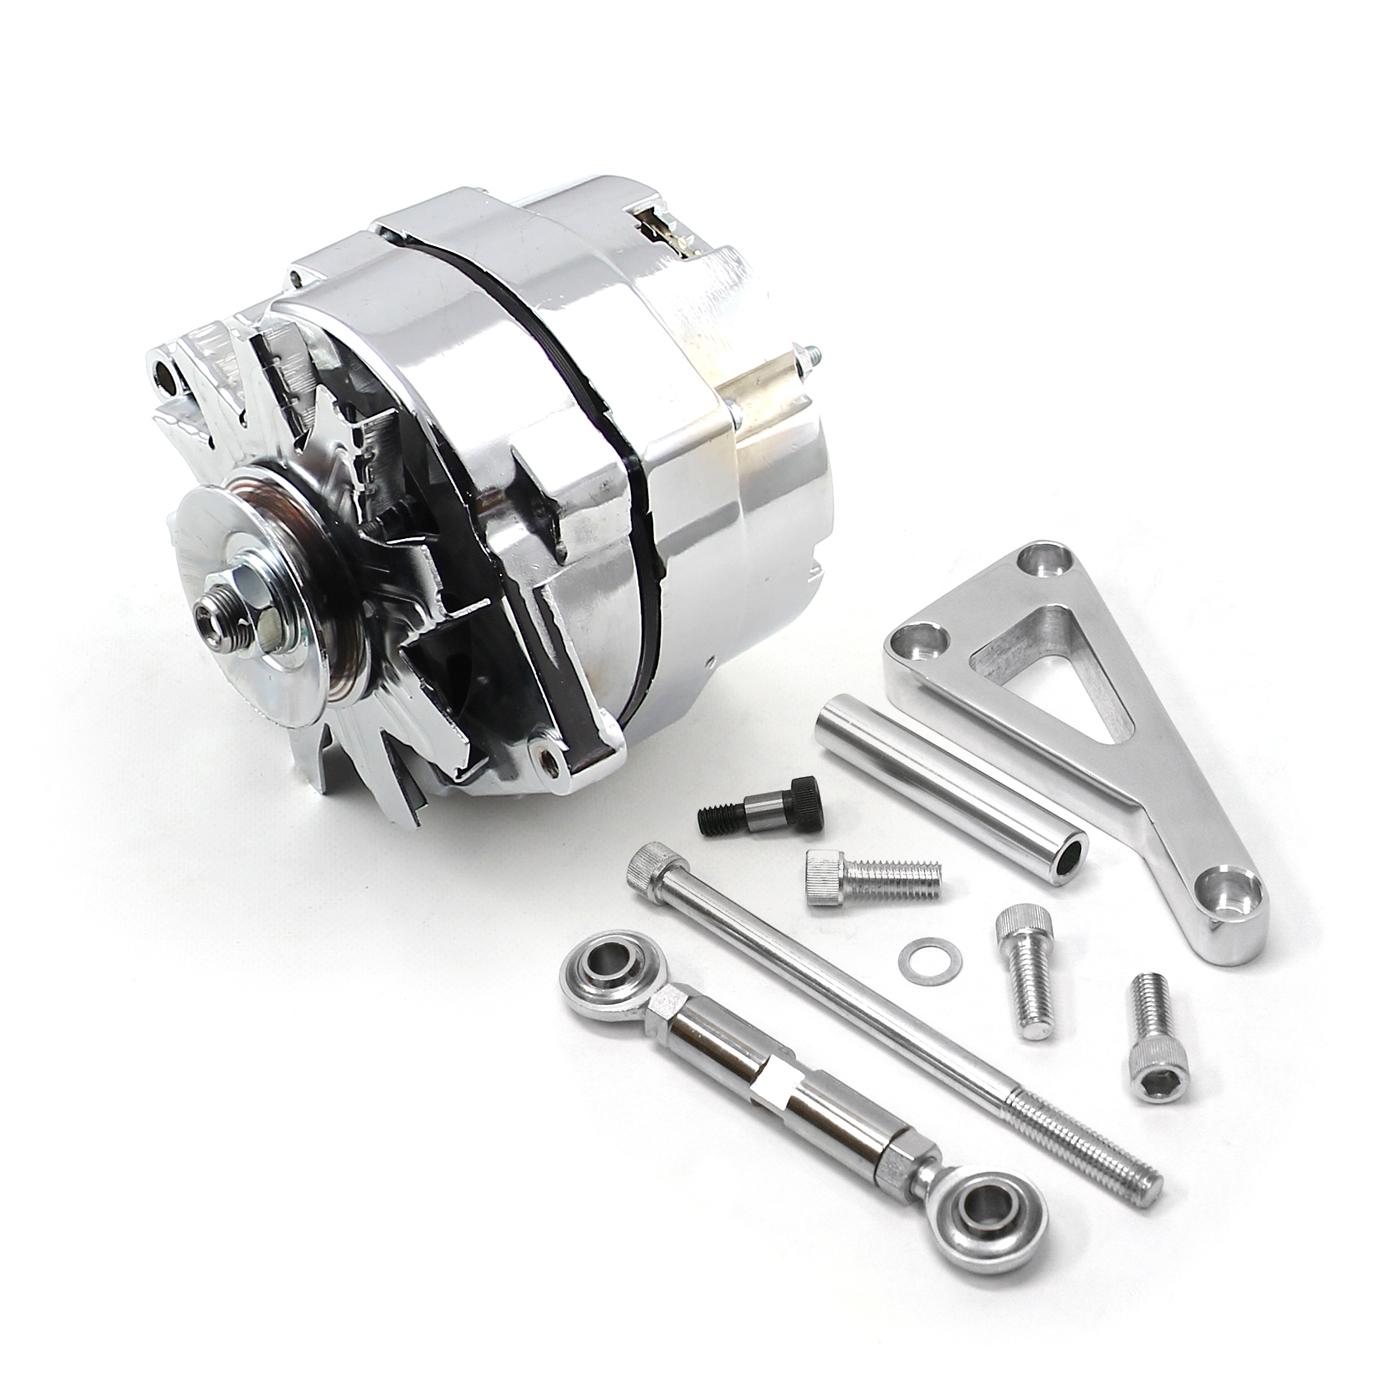 Chevy SBC 350 100 Amp 1 Wire Alternator & LWP Aluminum Bracket Kit Polished